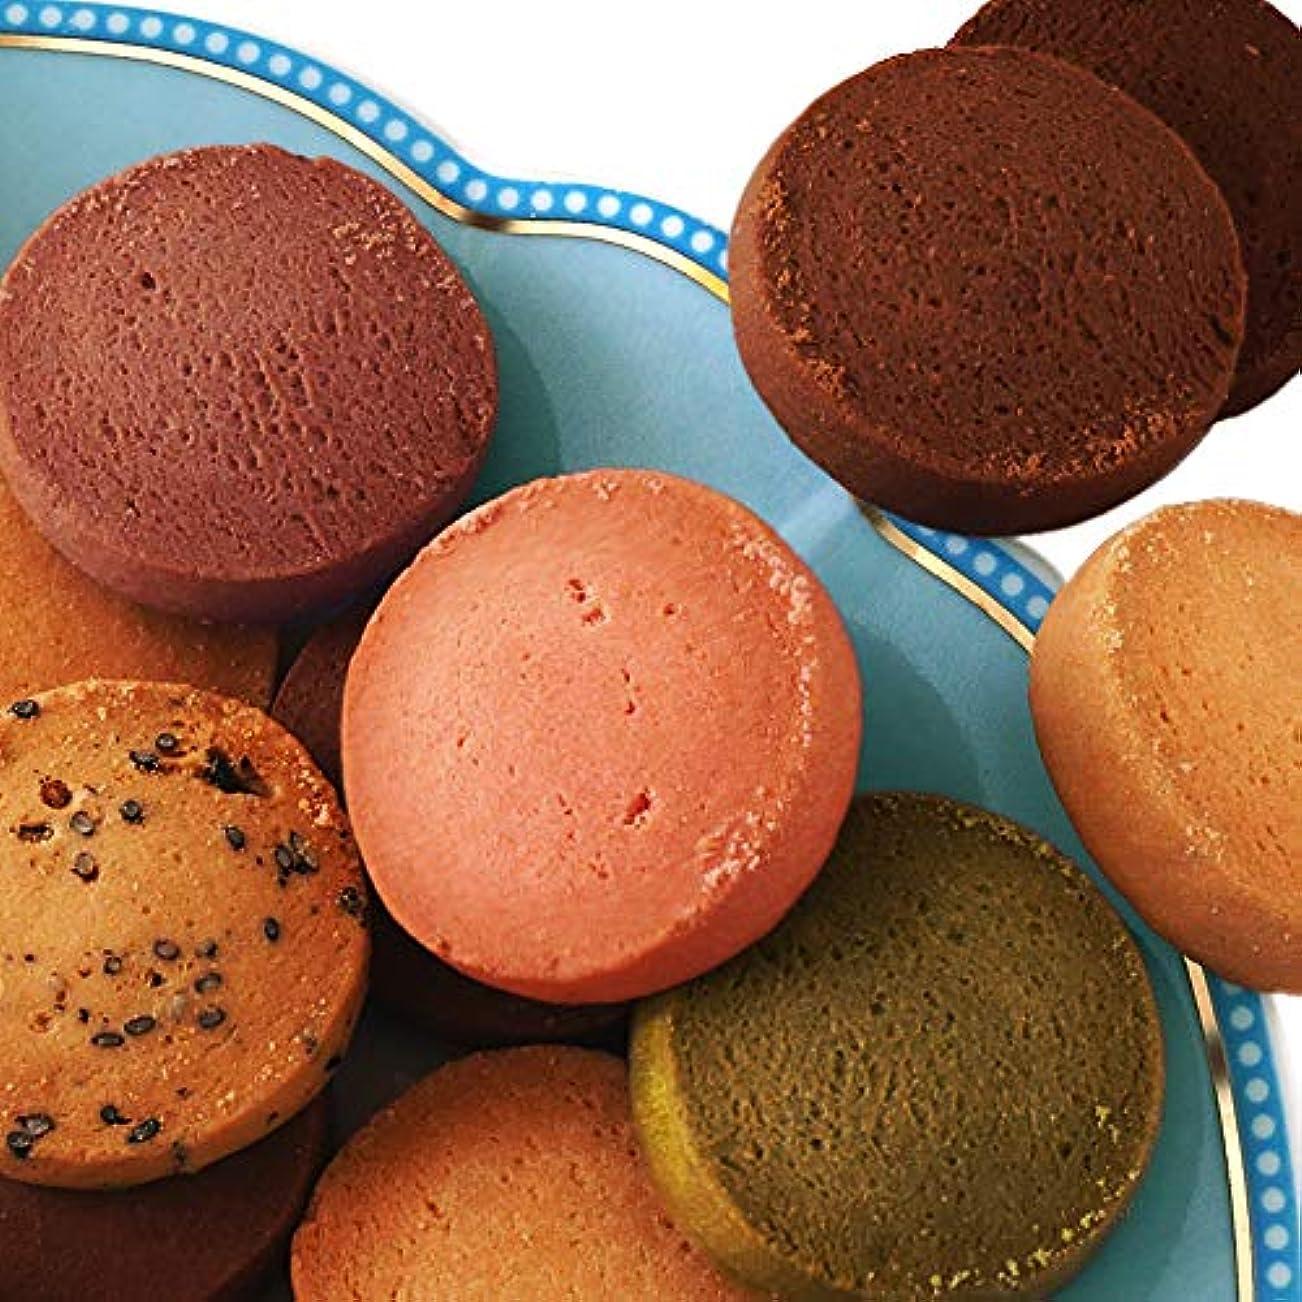 研究議論するあなたのもの【ダイエット 1食分の個包装】 豆乳おからマンナンファイバークッキー TOKYO STYLE「洋菓子店 のテイスト」 18食 (6種×3袋)